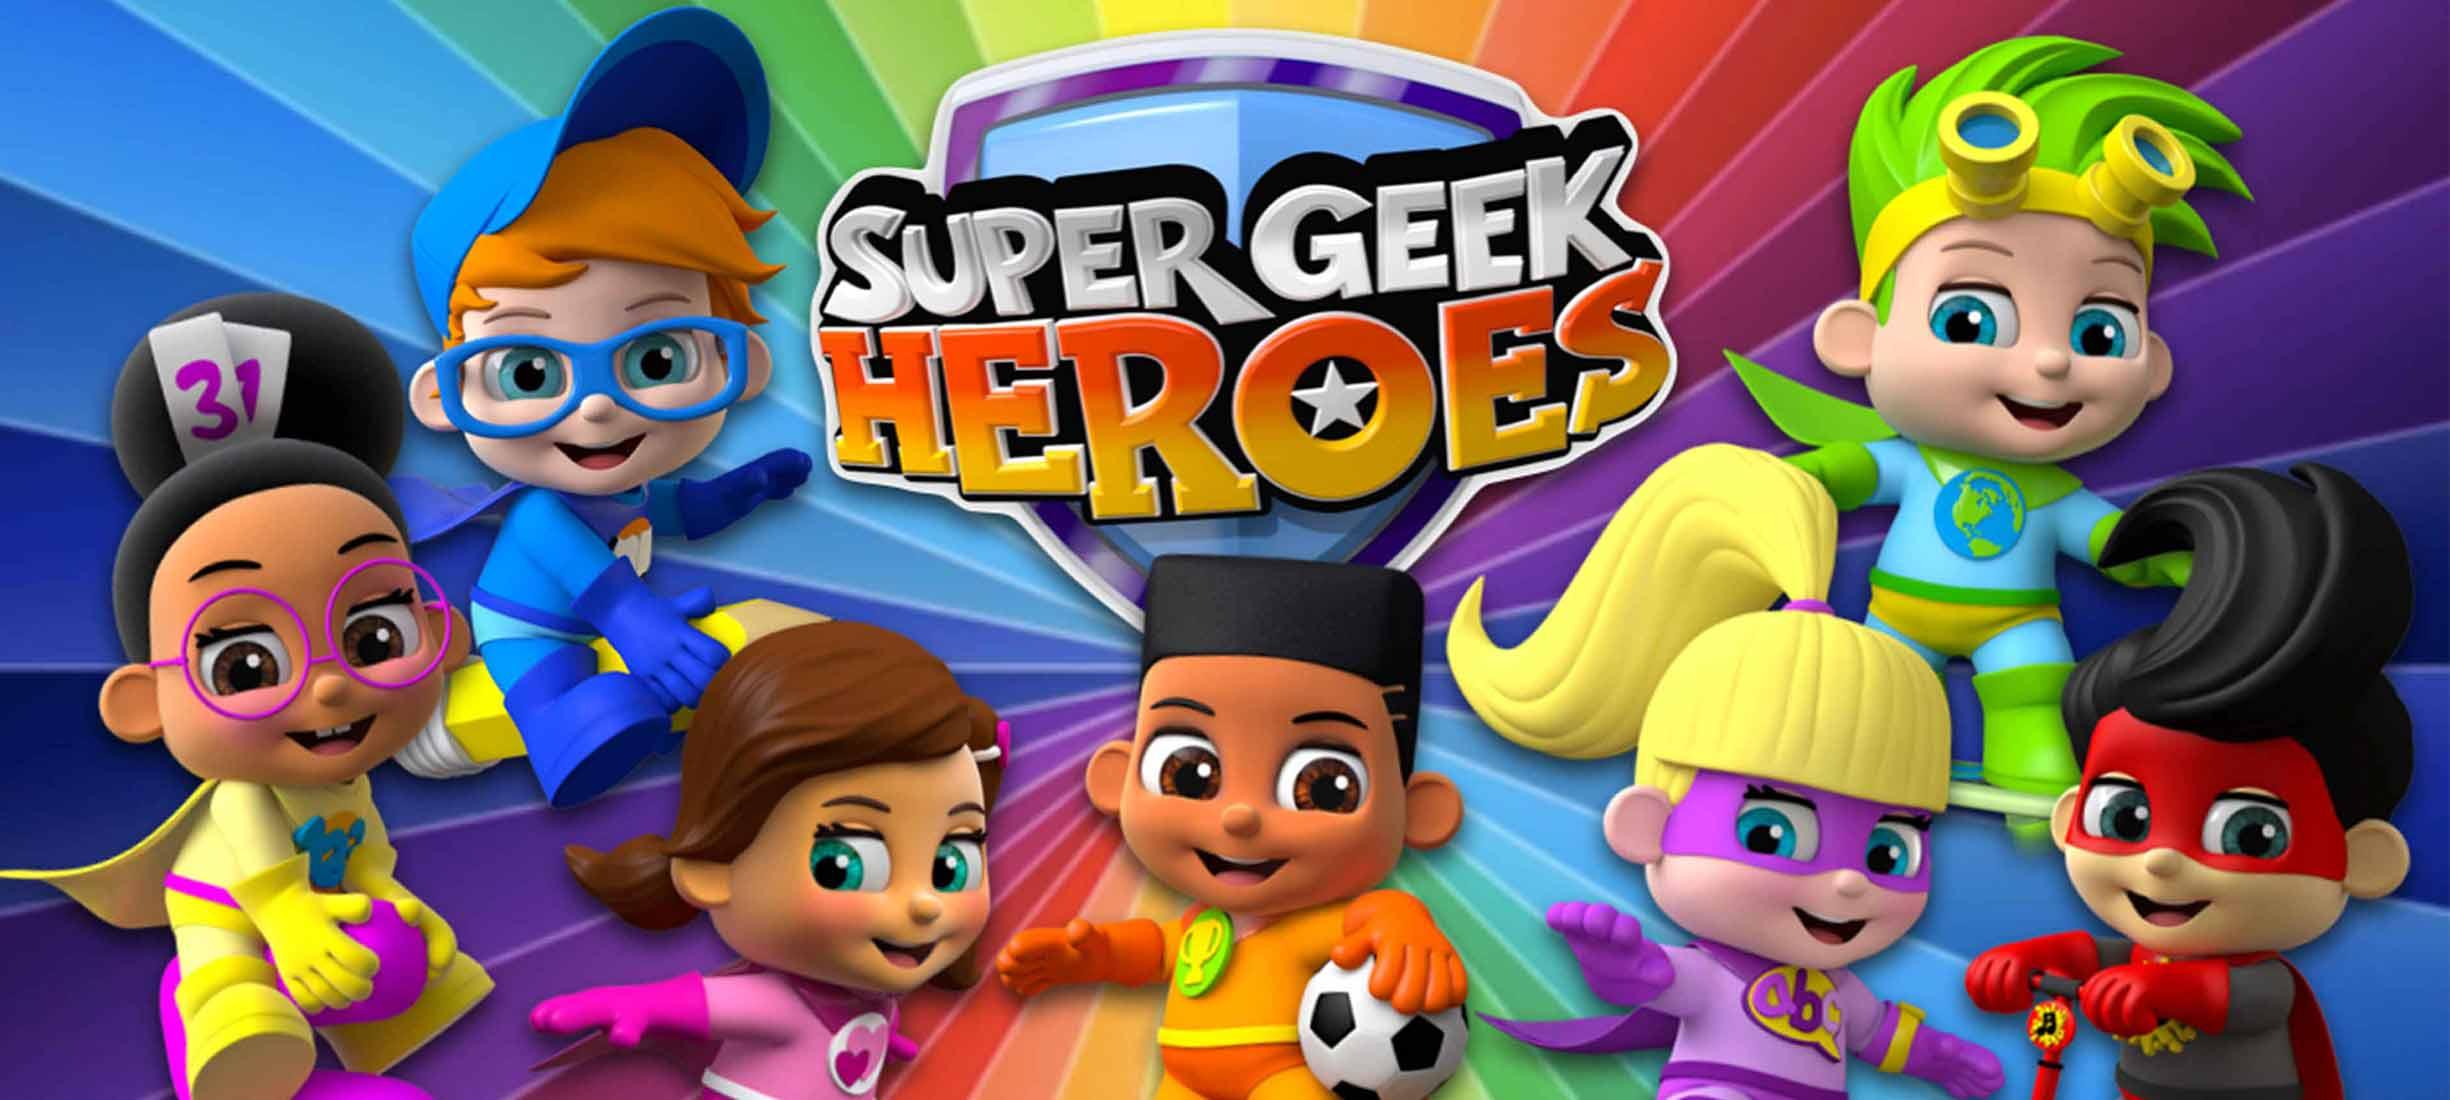 Super Geek Heroes: Trailer